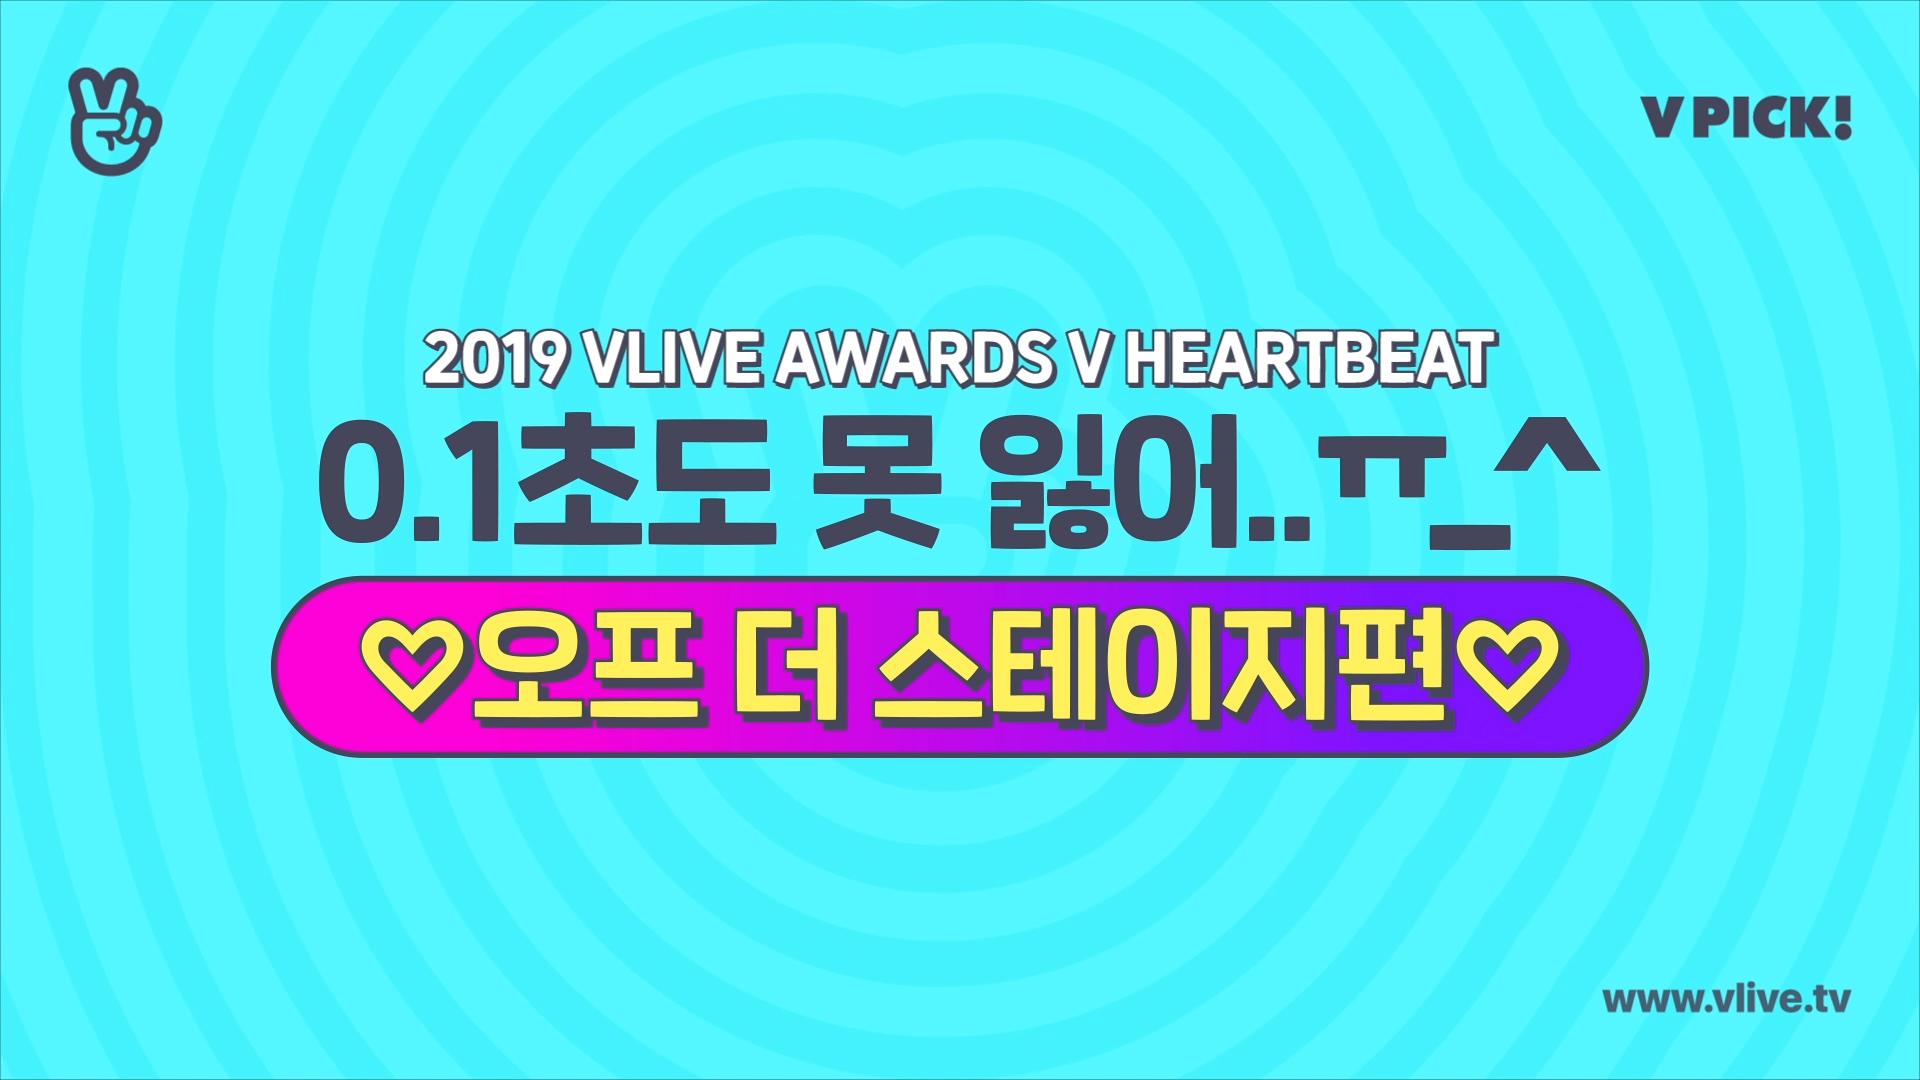 [V PICK!] 2019 V HEARTBEAT 하이라이트 ✨오프 더 스테이지편✨ (2019 V HEARTBEAT PICK! 'OFF THE STAGE')